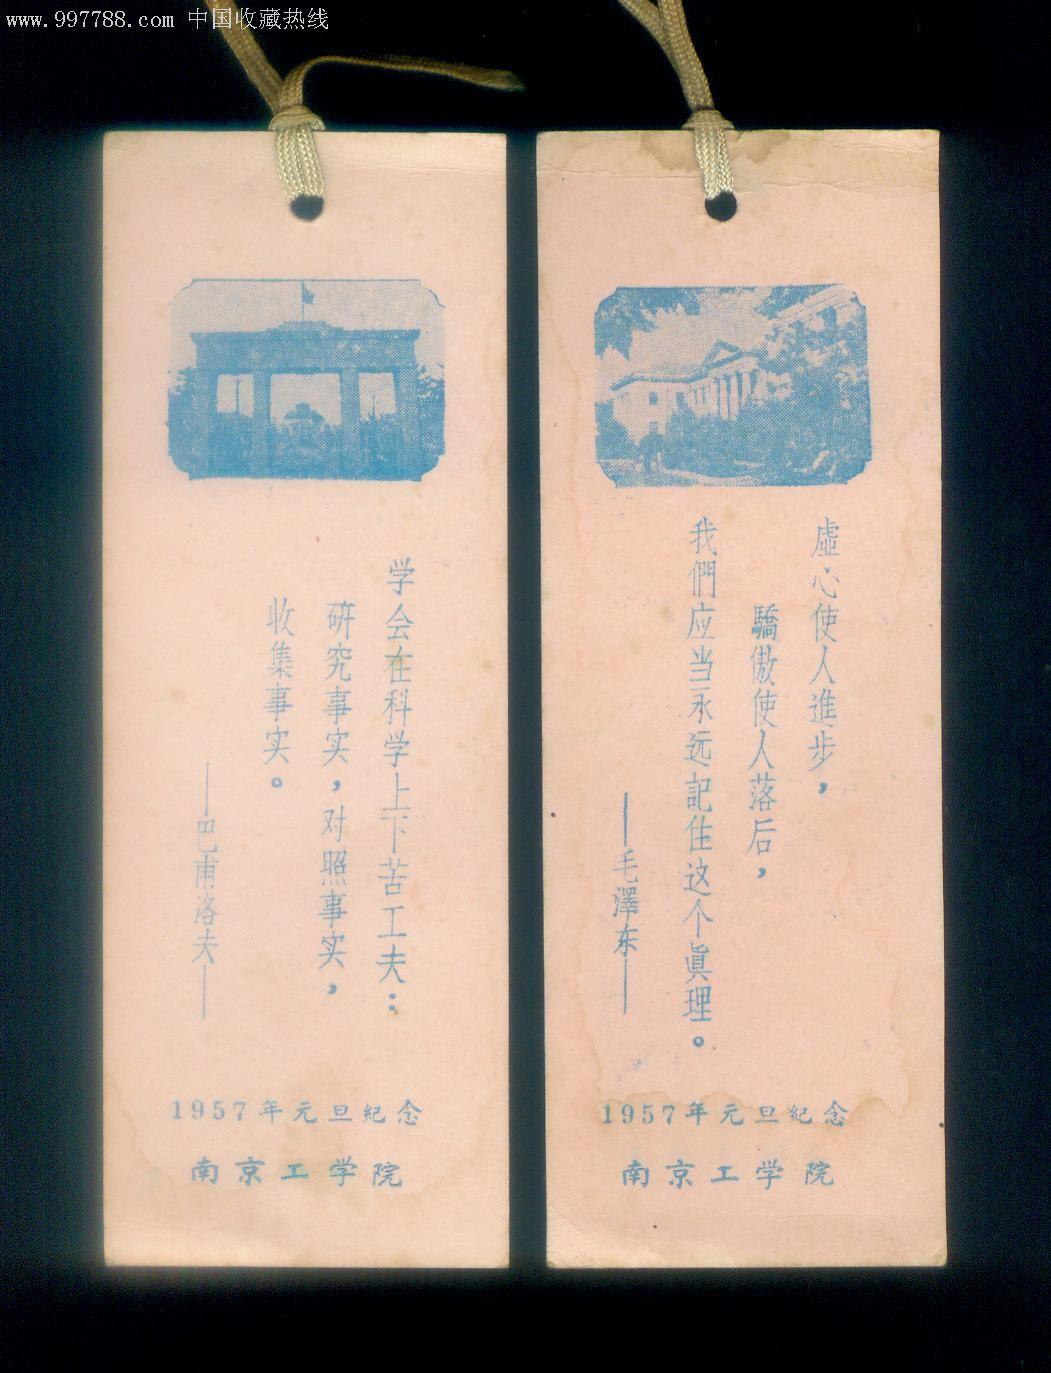 1957年精美书签年历--南京工学院1957年元旦纪念2枚合拍图片